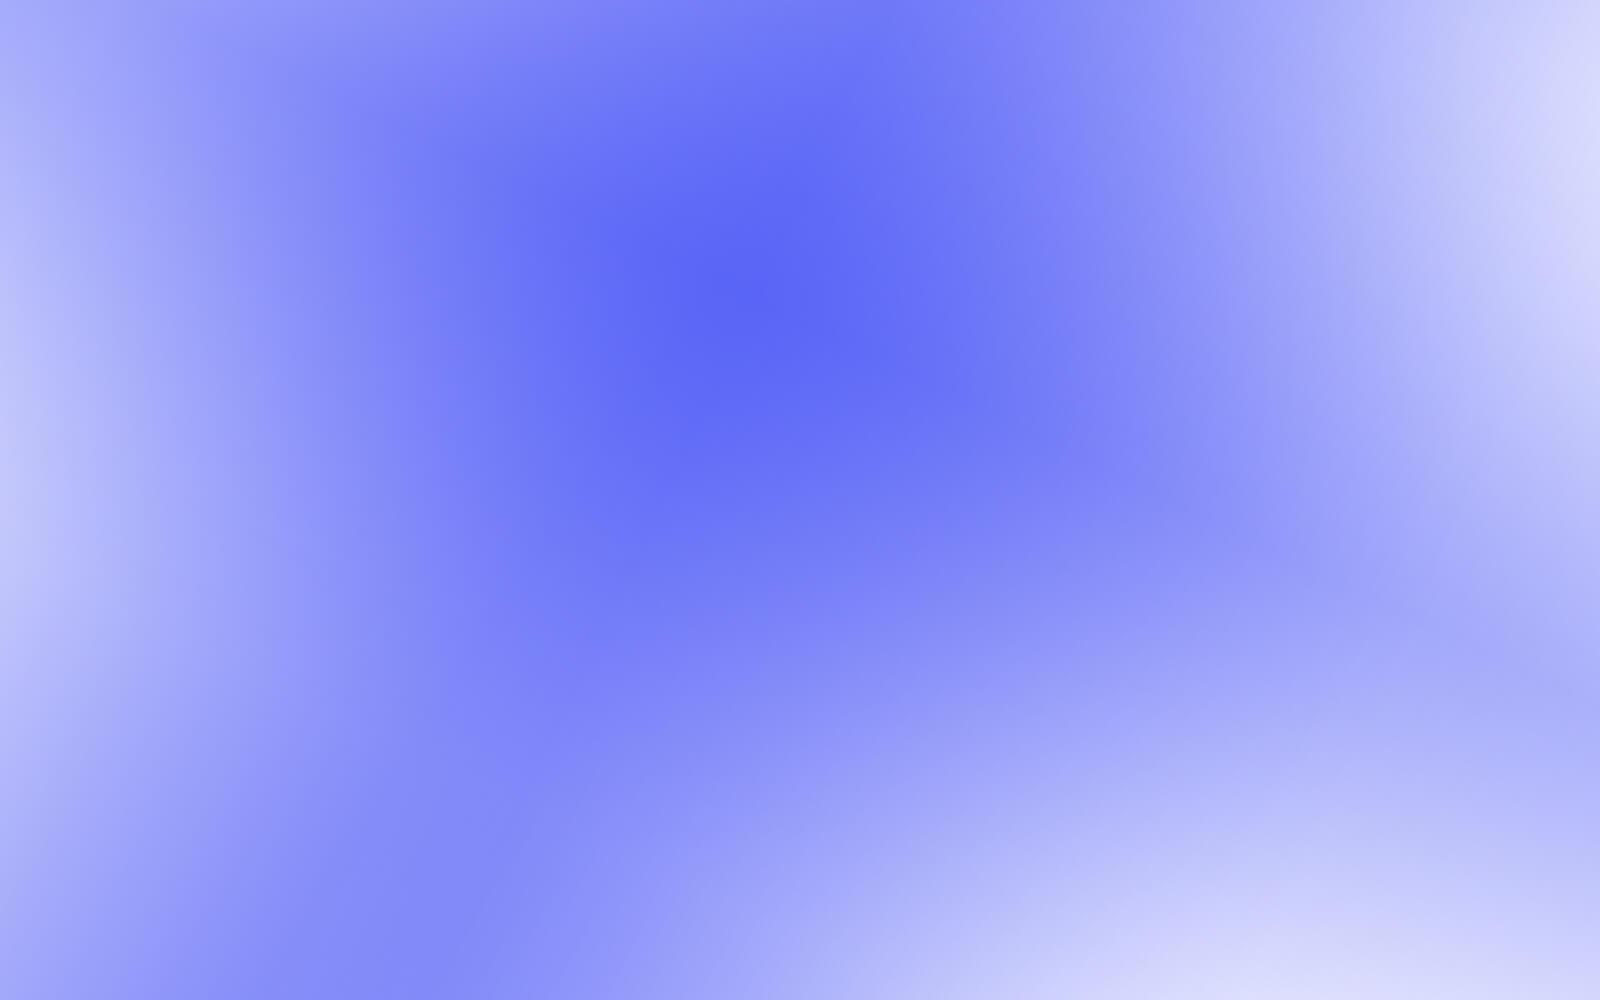 پس زمینه آبی برای چاپ سیلک اسکرین